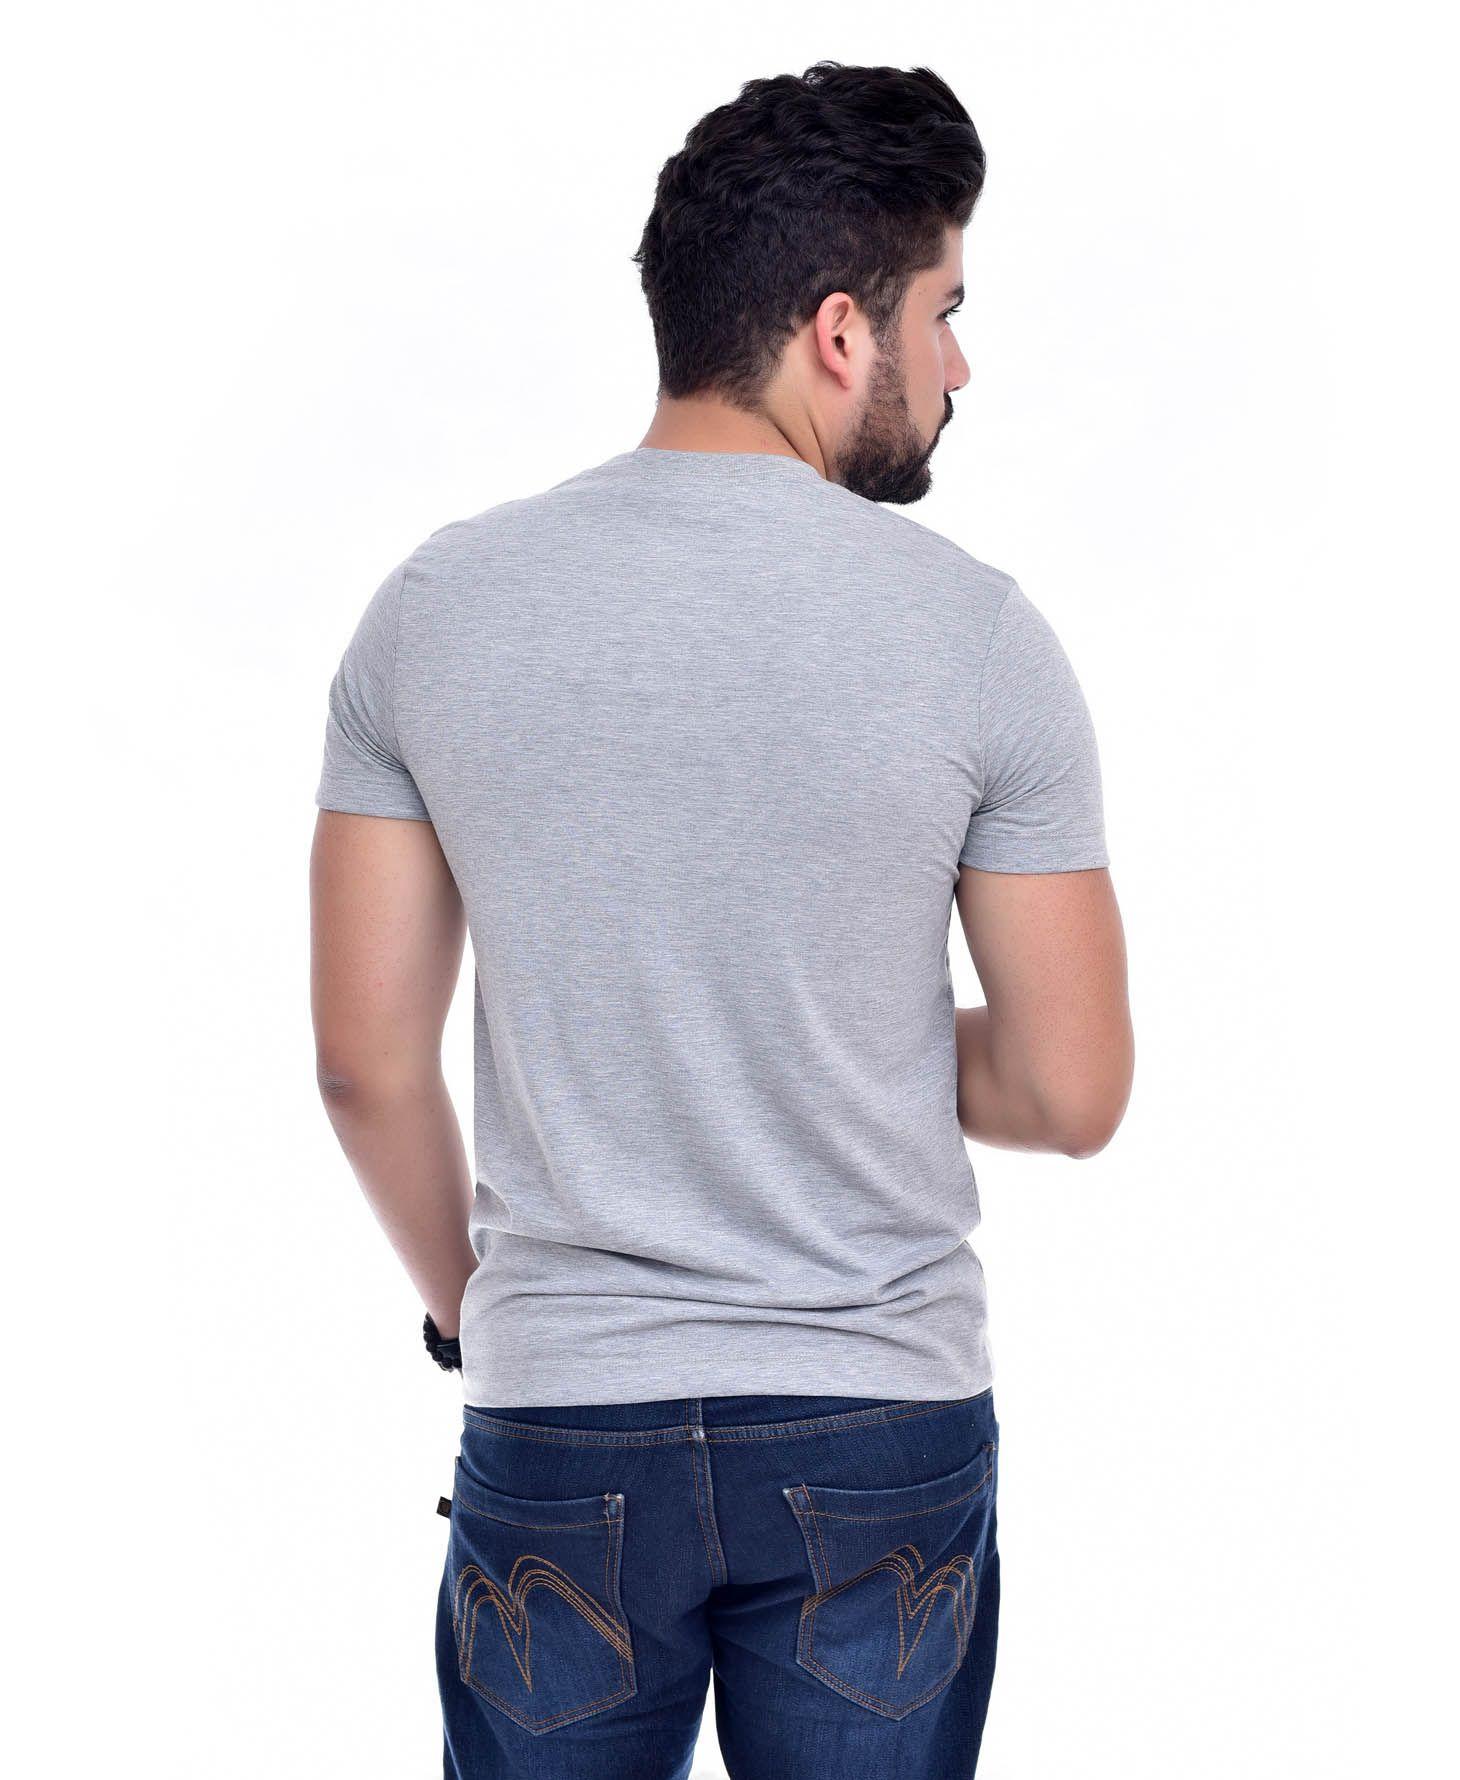 Camiseta L-06 Mescla Claro   - Ca Brasileira